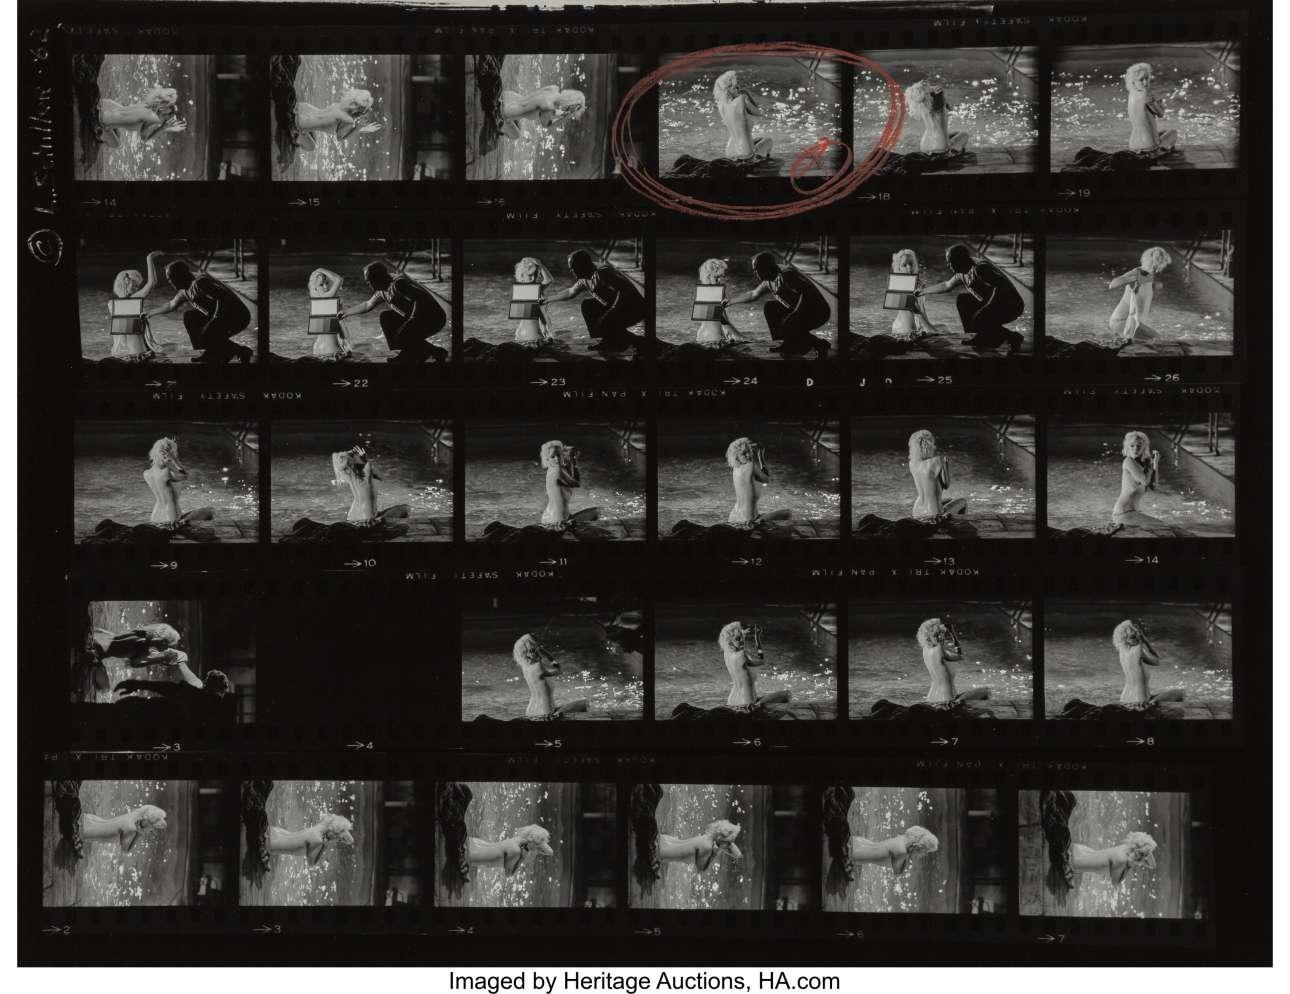 Το φιλμ με τις γυμνές λήψεις της Μονρόε, το οποίο τραβήχτηκε τρεις μήνες πριν από τον θάνατο της